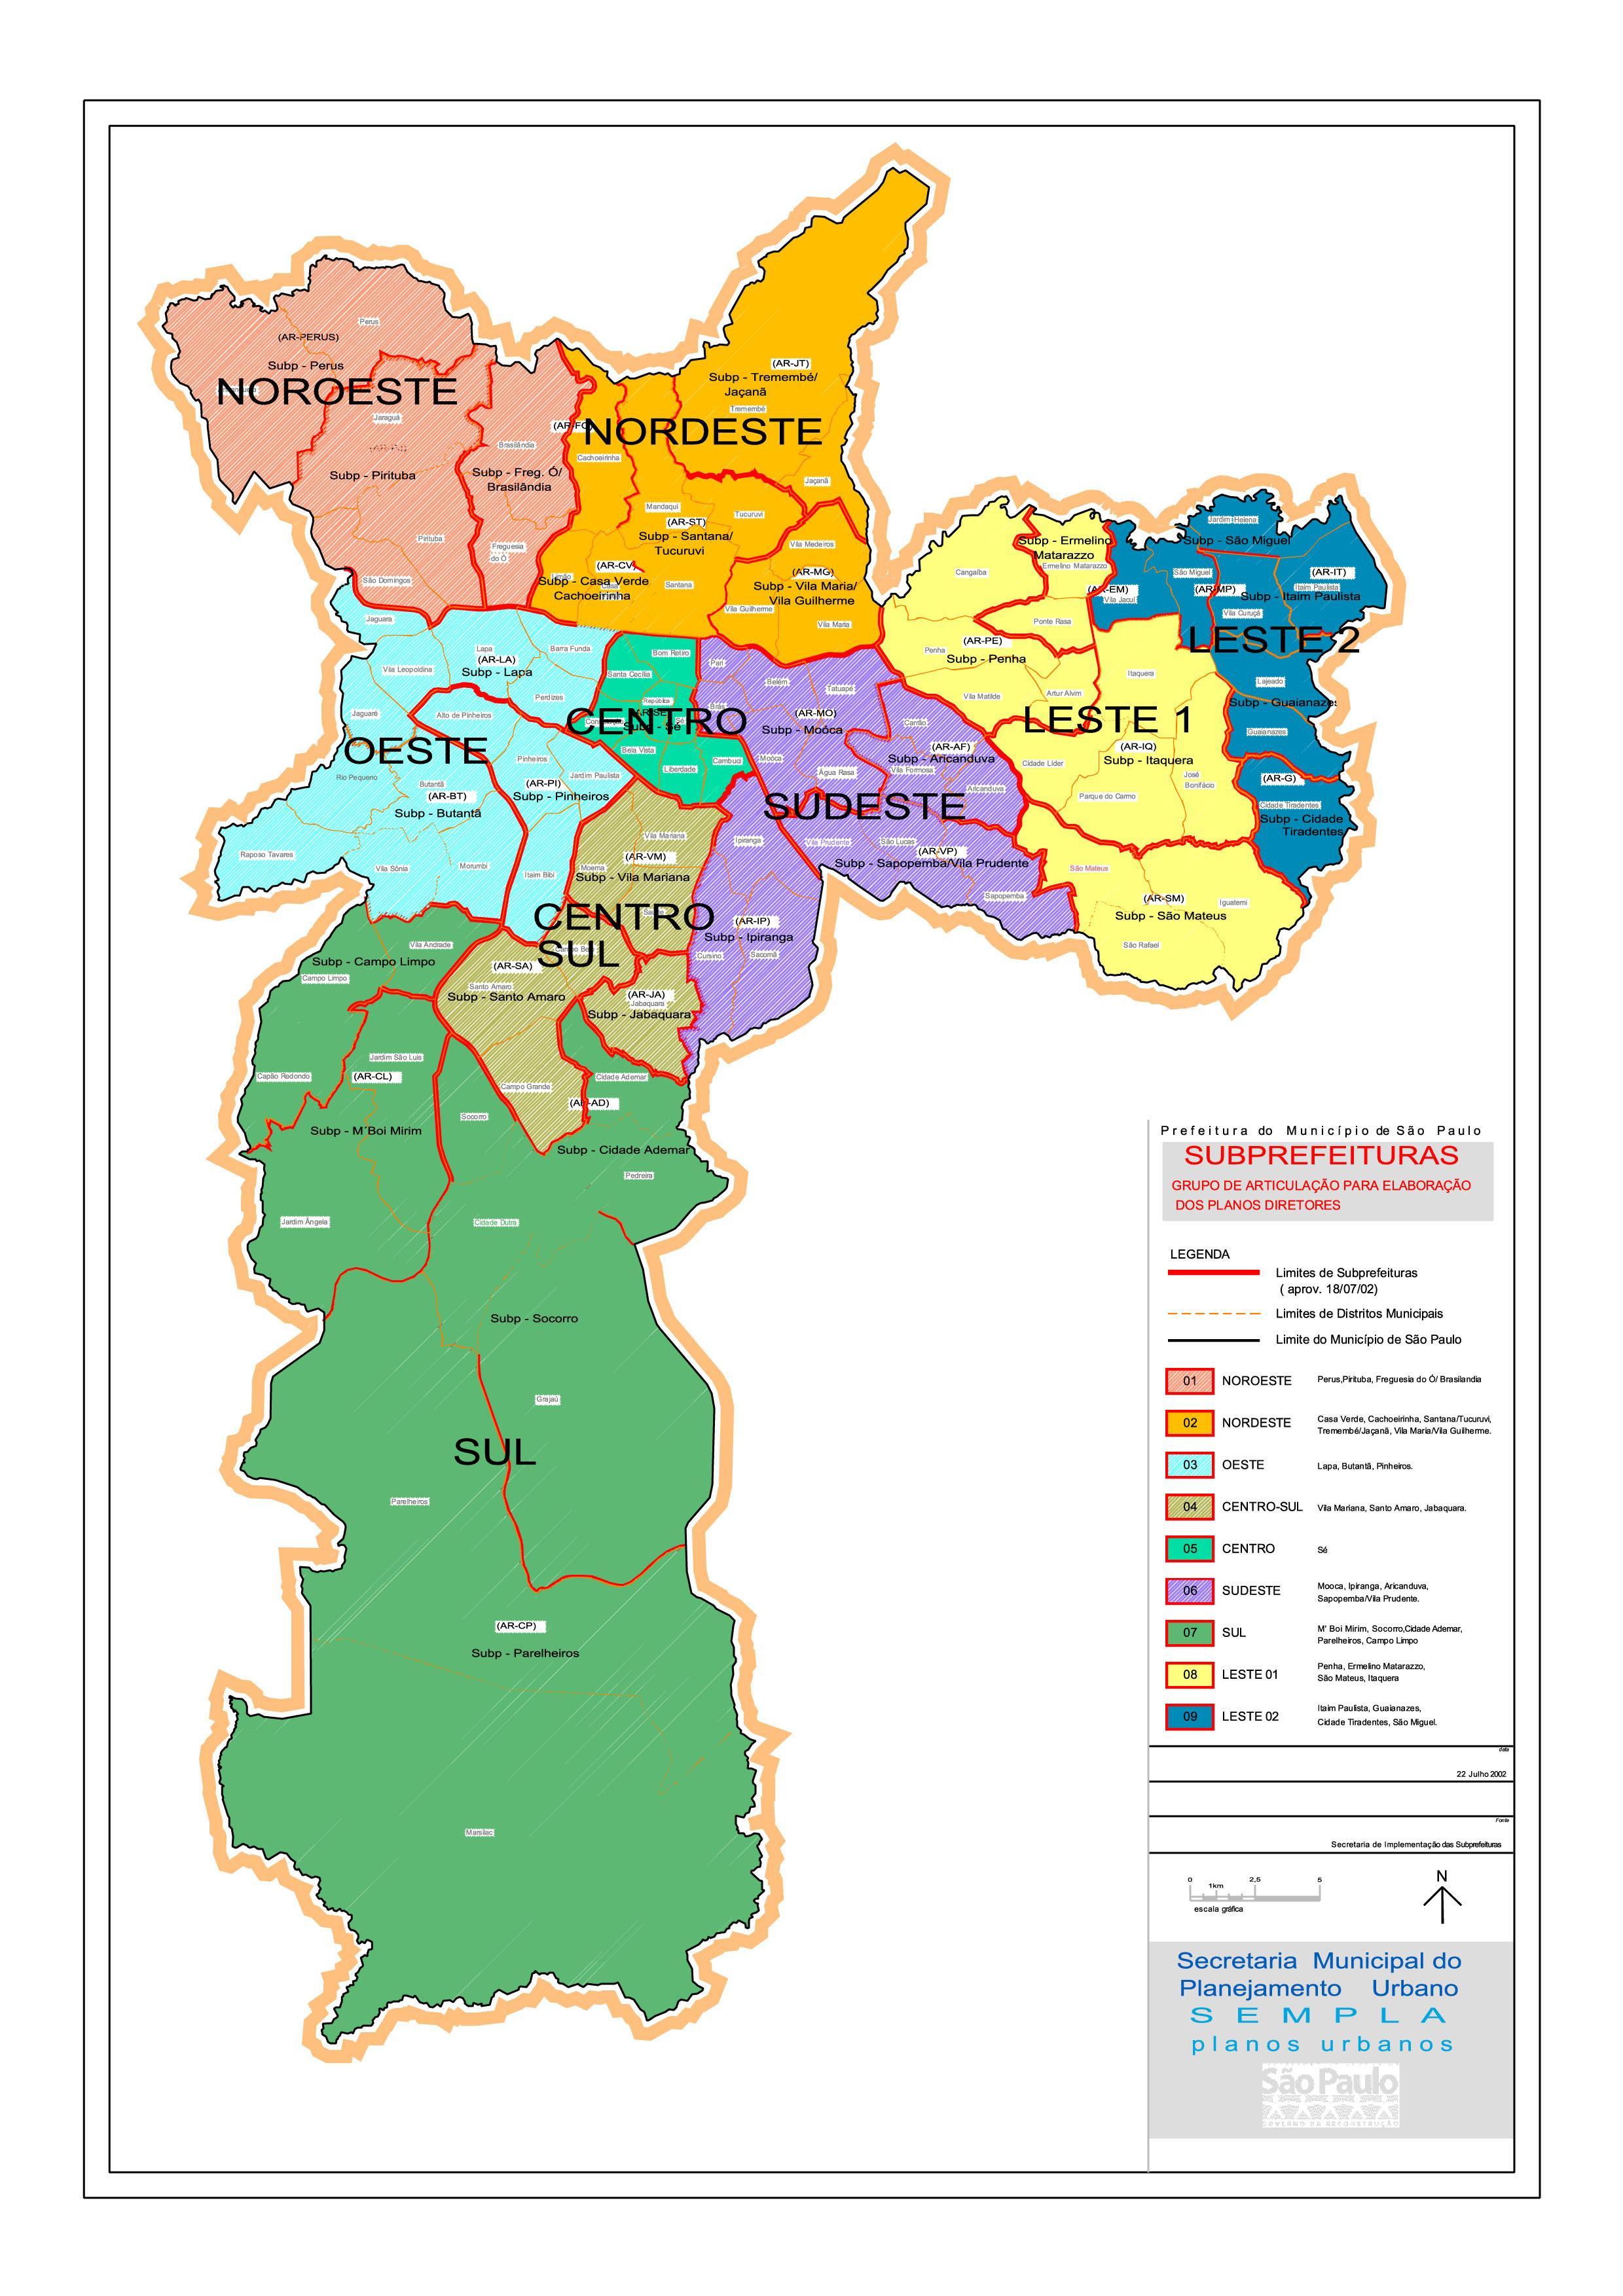 Regionen São Paulo-map - Karte der Regionen São Paulo (Brasilien)